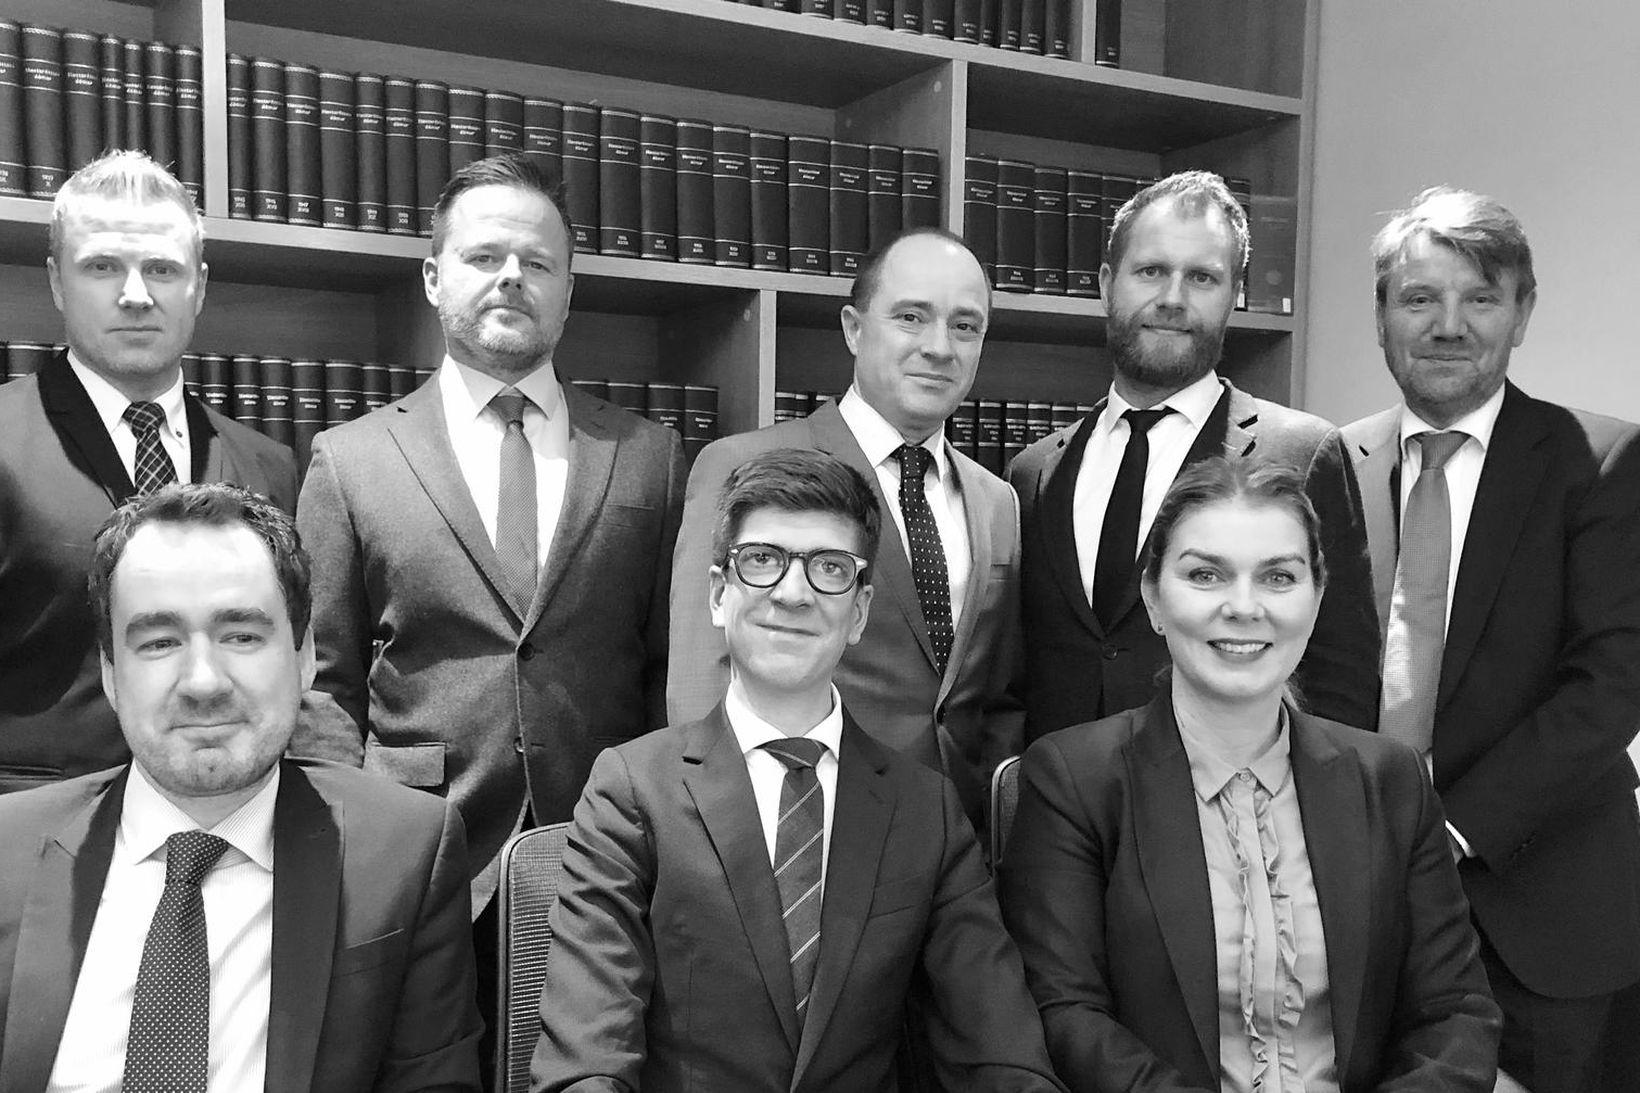 fremri röð frá vinstri: Daníel Isebarn Ágústsson, Flóki Ásgeirsson, Kristín …